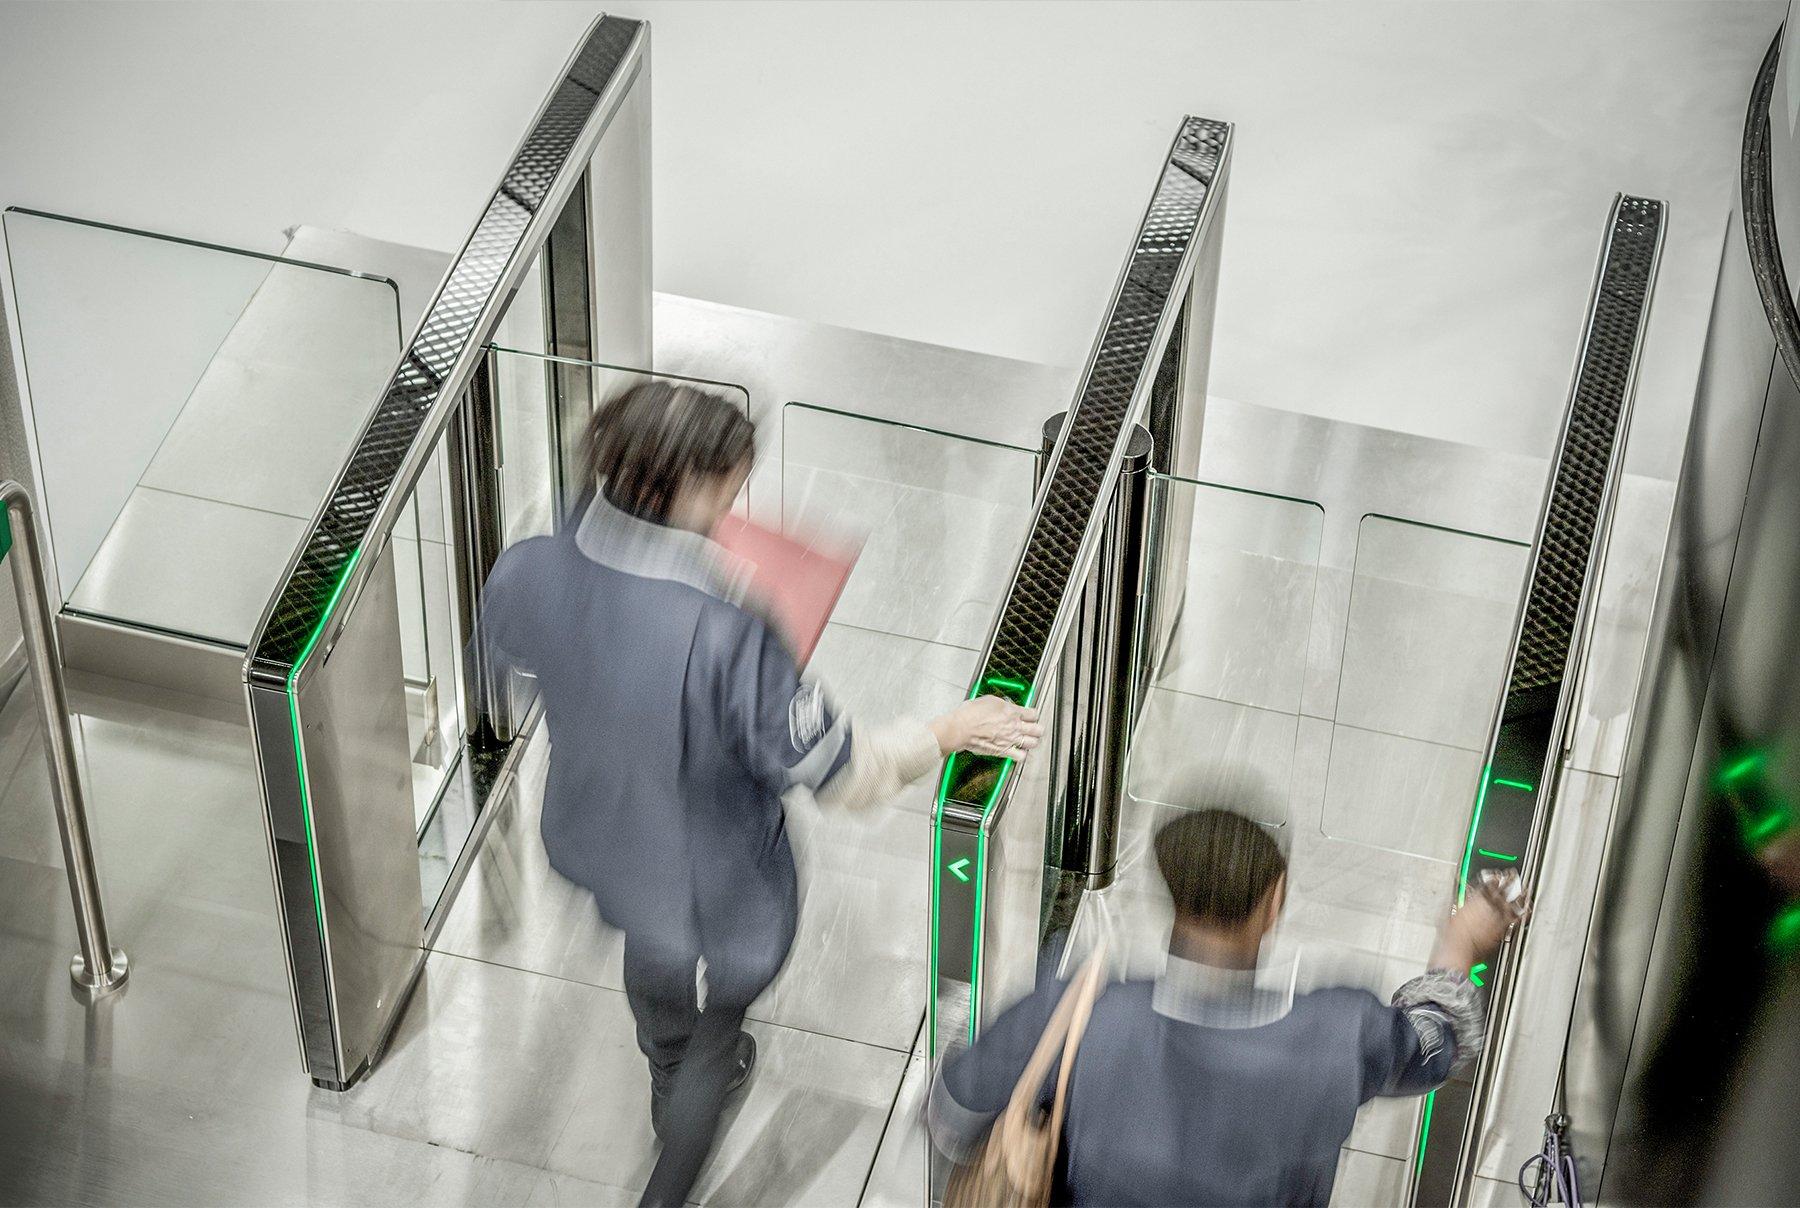 Sensorschleusen zur schnellen und reibungslosen Steuerung von Besucher- und Mitarbeiterströmen.